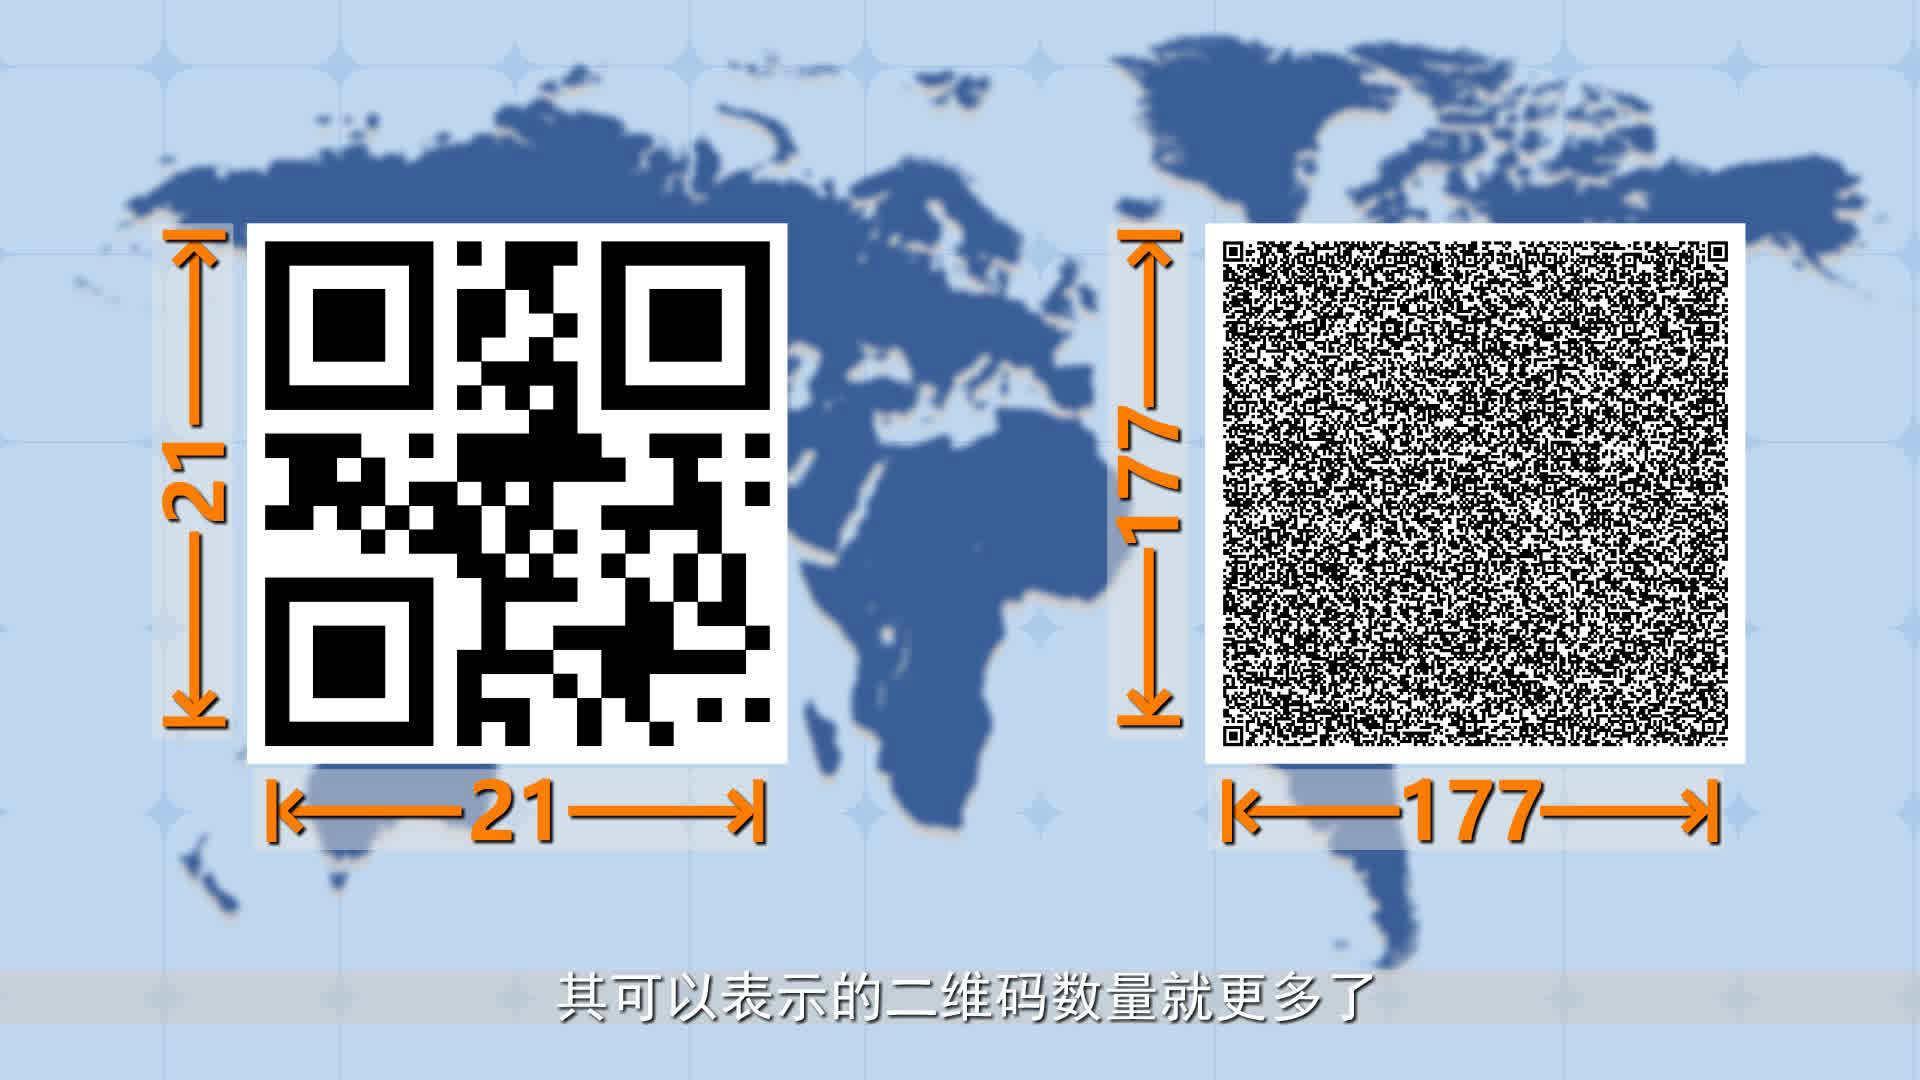 深圳网警原创《网警小课堂》第9期:小小二维码……